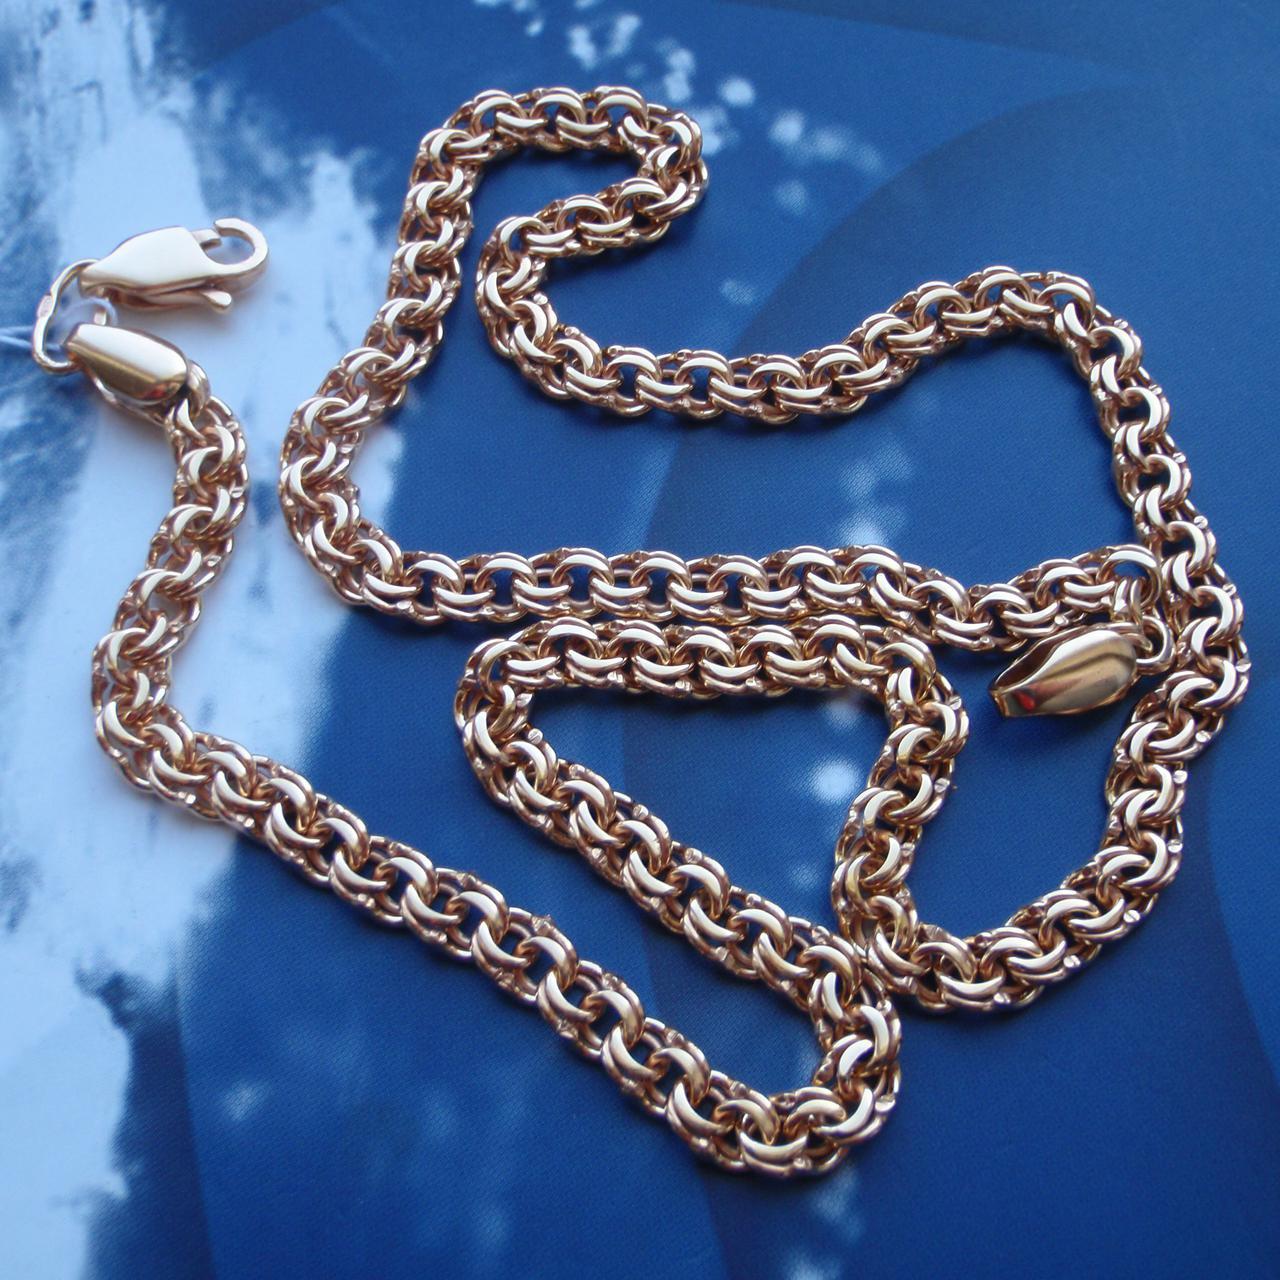 Серебряная позолоченная цепочка, 500мм, 24 грамма, плетение Бисмарк